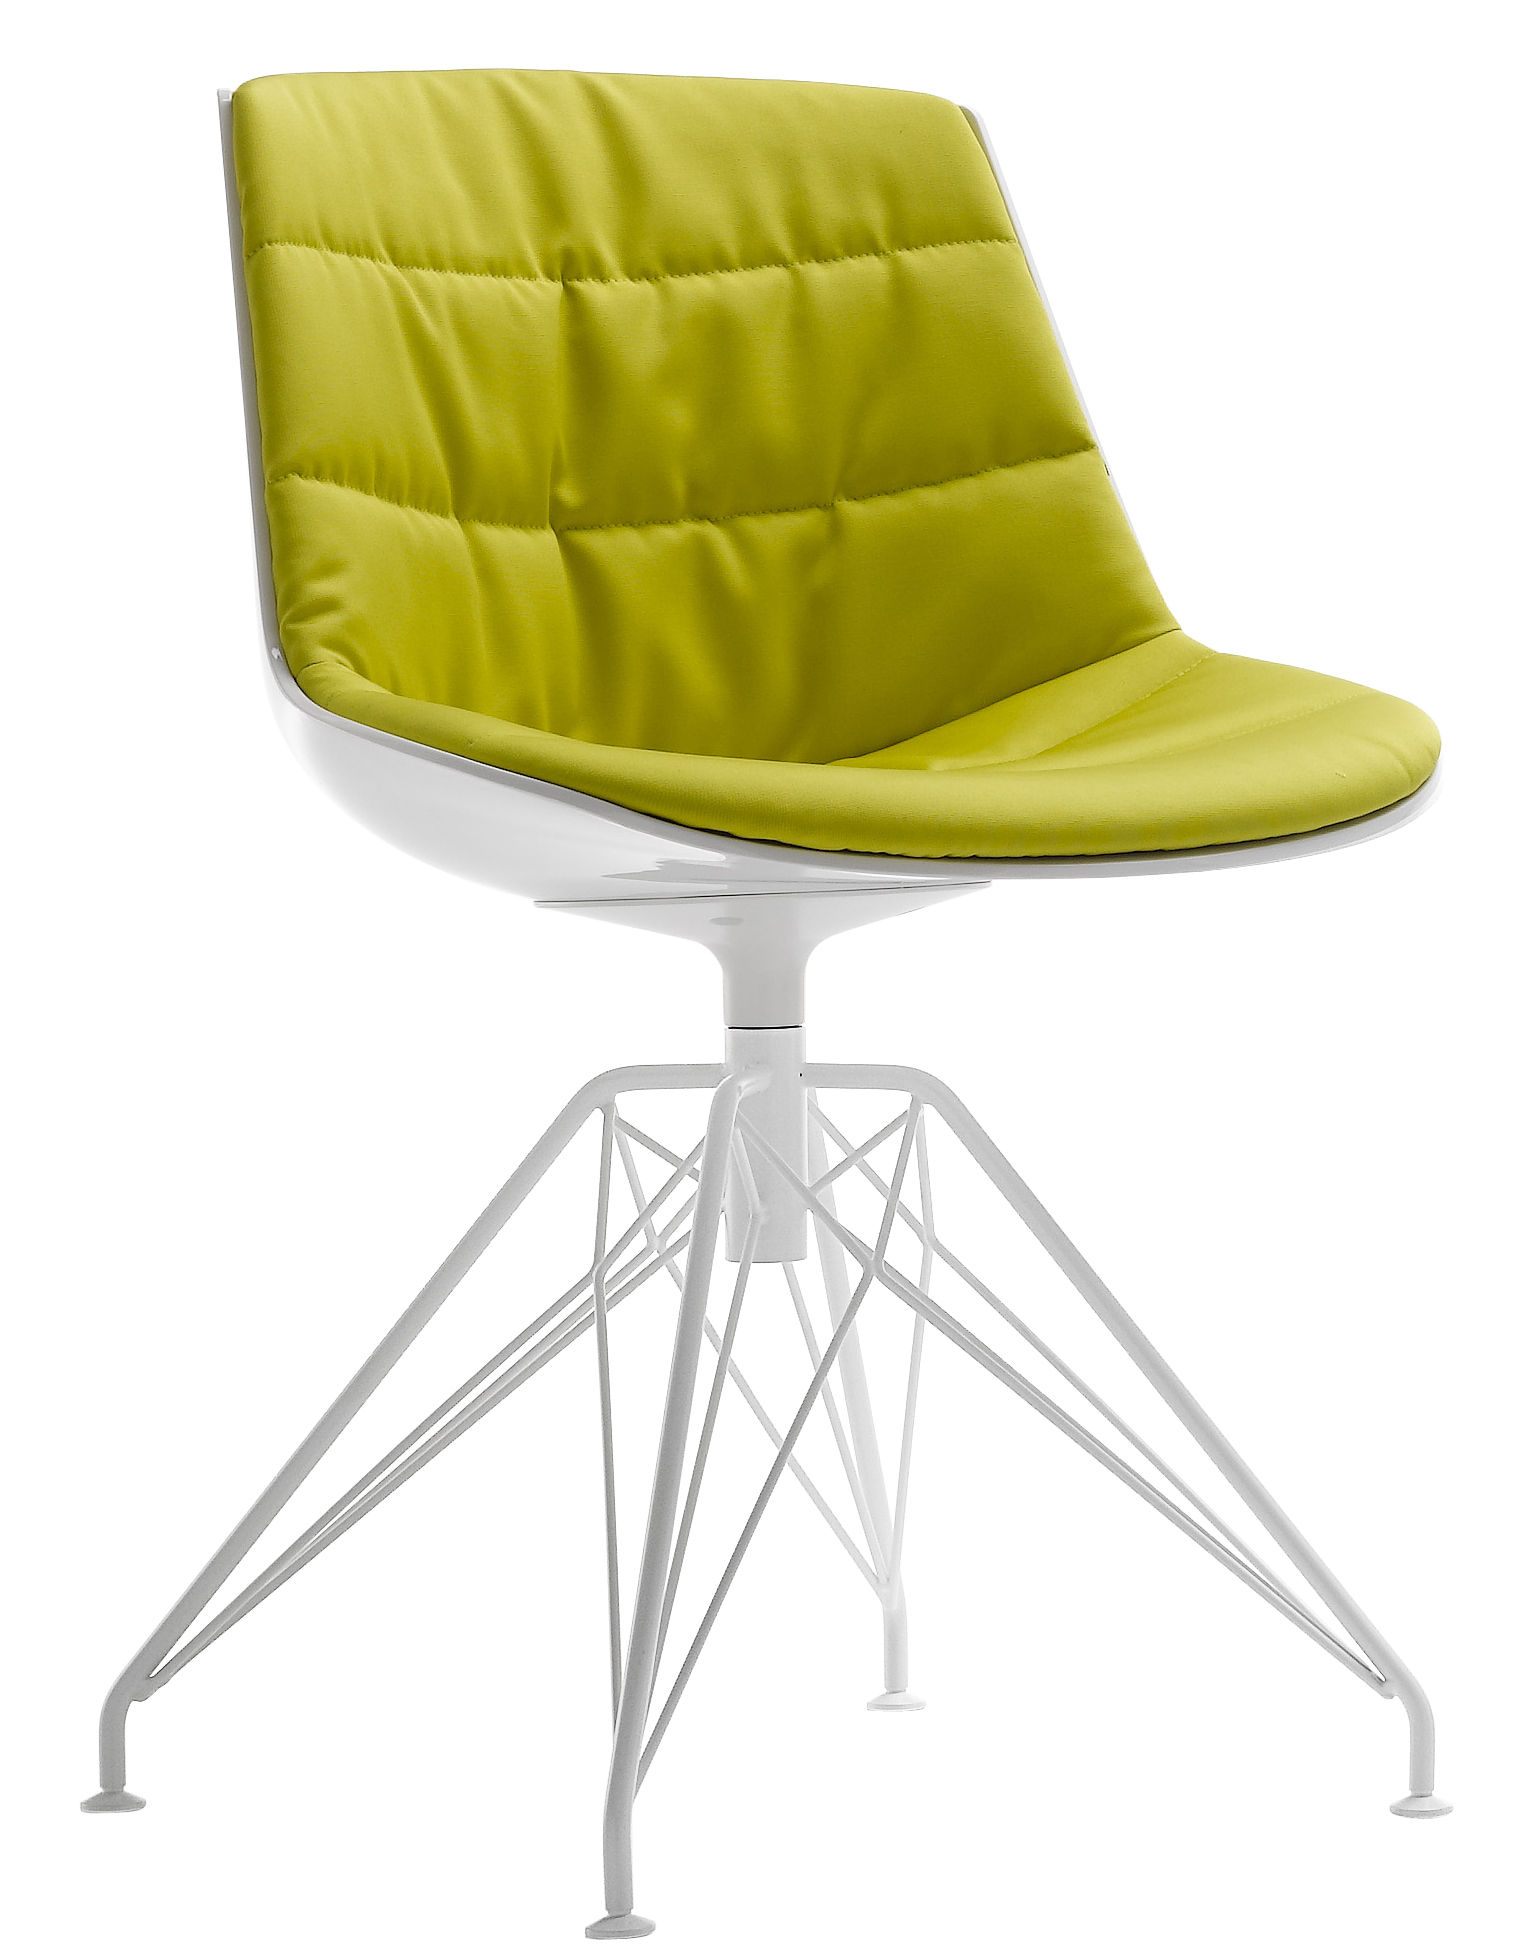 Chaise de cuisine jaune for Chaise pivotante